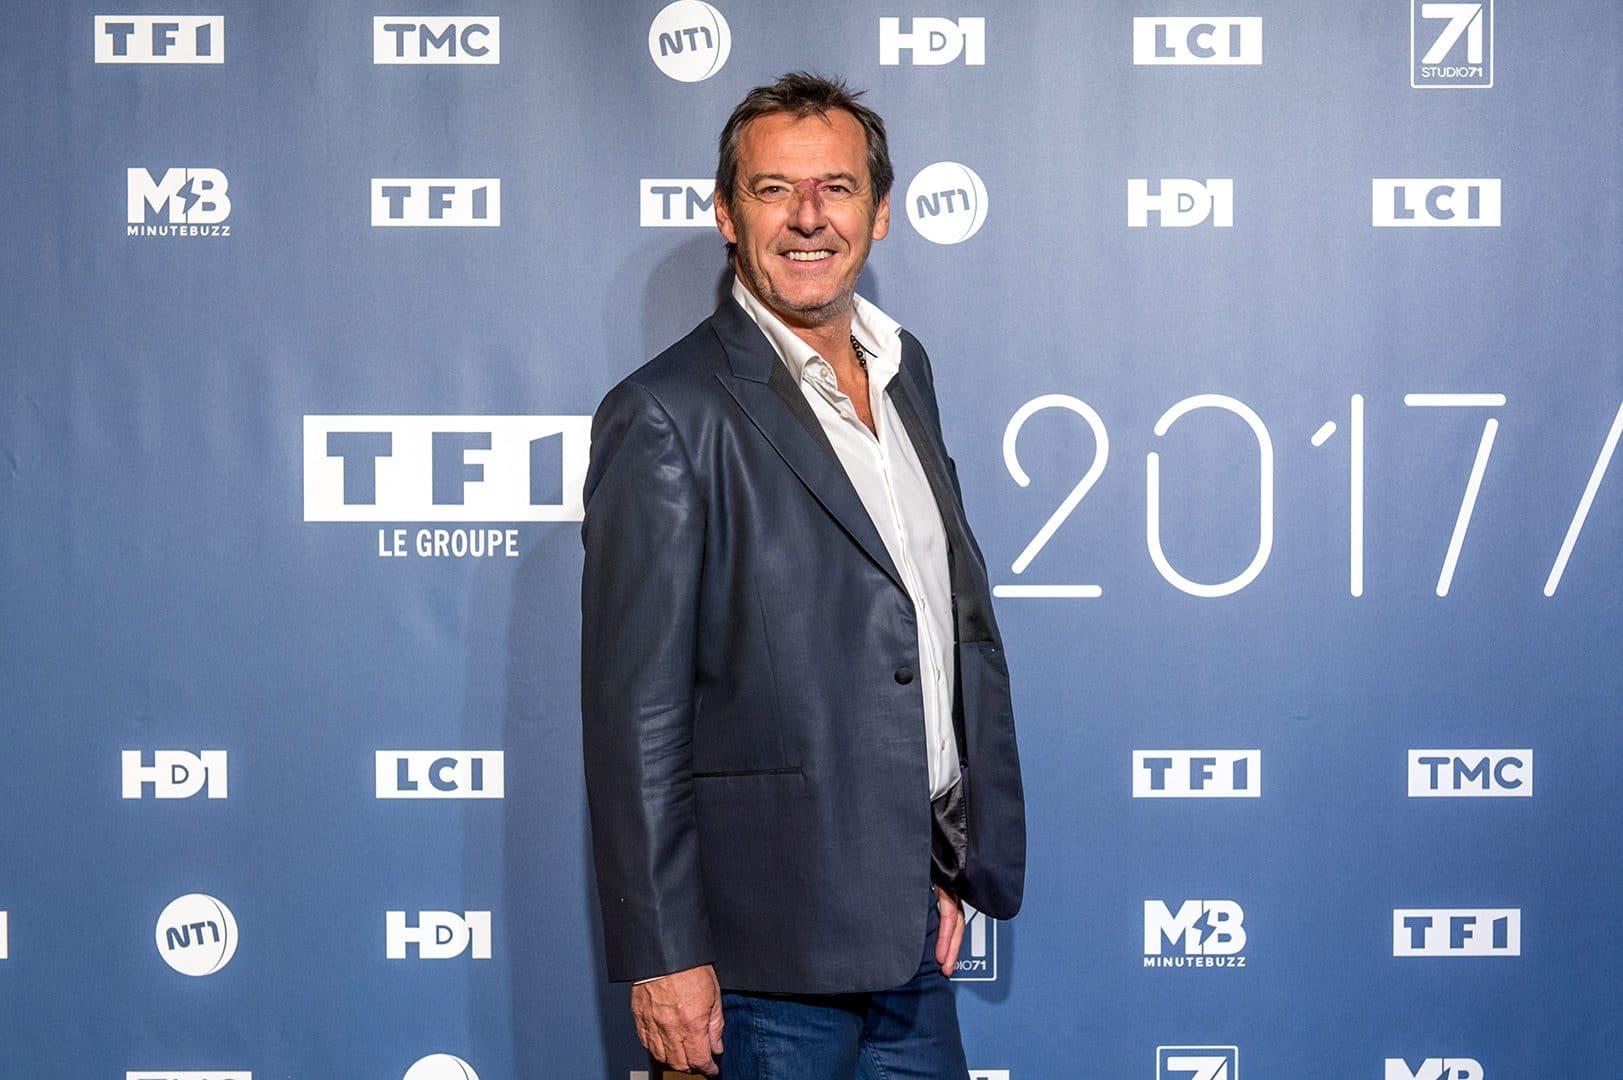 Dîner de rentrée TF1 le groupe